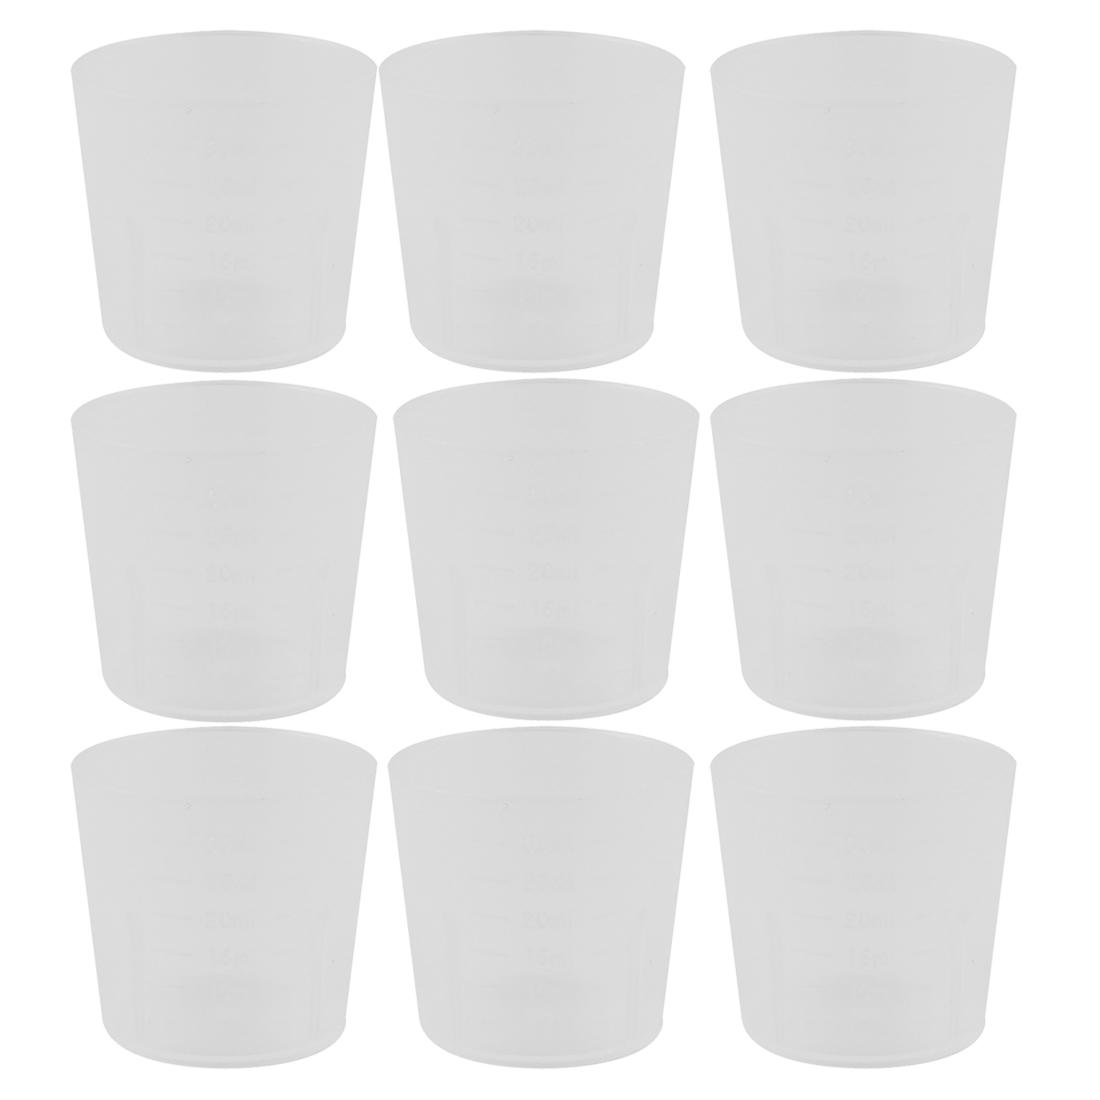 9 Pcs School Lab Plastic Liquid Container Measuring Testing Beaker 30mL Capacity